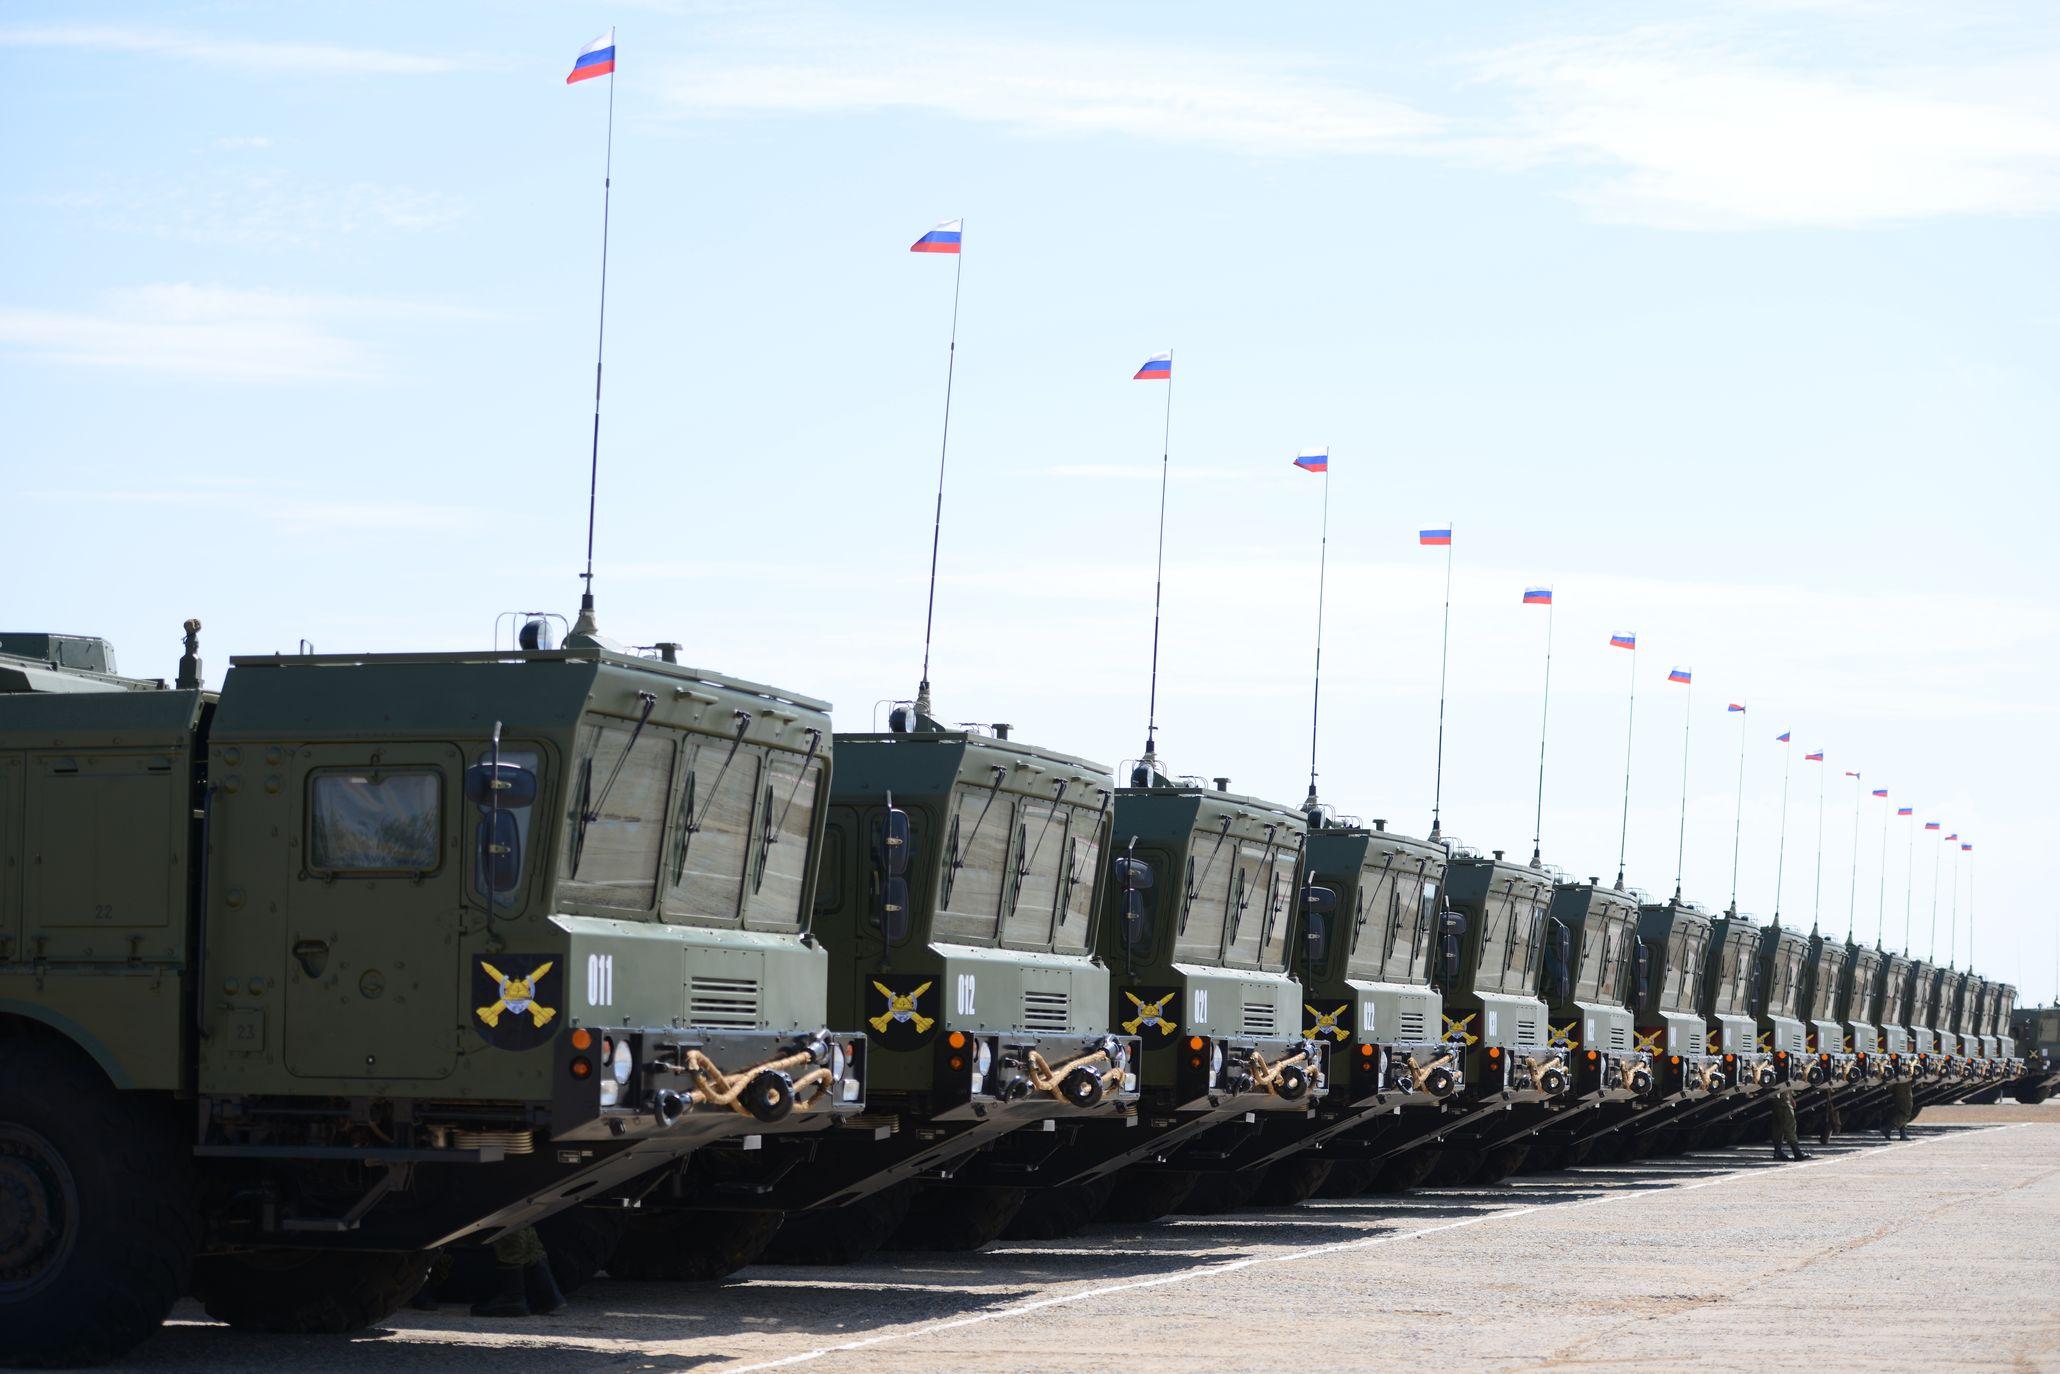 """Российская армия получила очередной комплект оперативно-тактического ракетного комплекса """"Искандер-М"""" Подробнее на ТАСС: http://tass.ru/armiya-i-opk/3410494"""